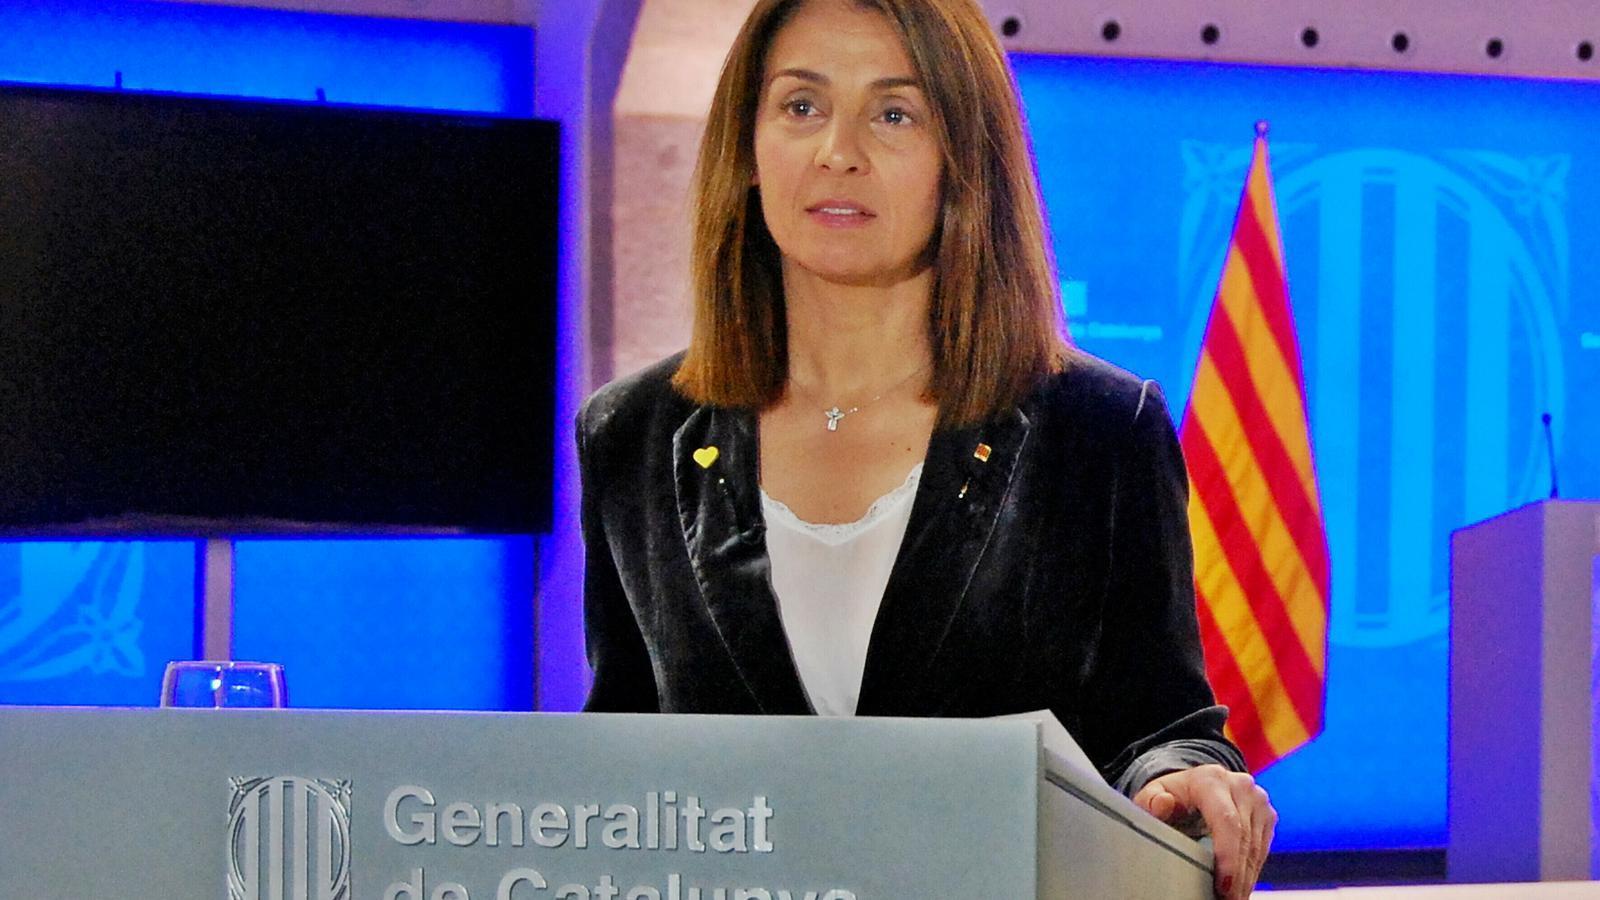 EN DIRECTE | Roda de premsa de la portaveu de la Generalitat, Meritxell Budó